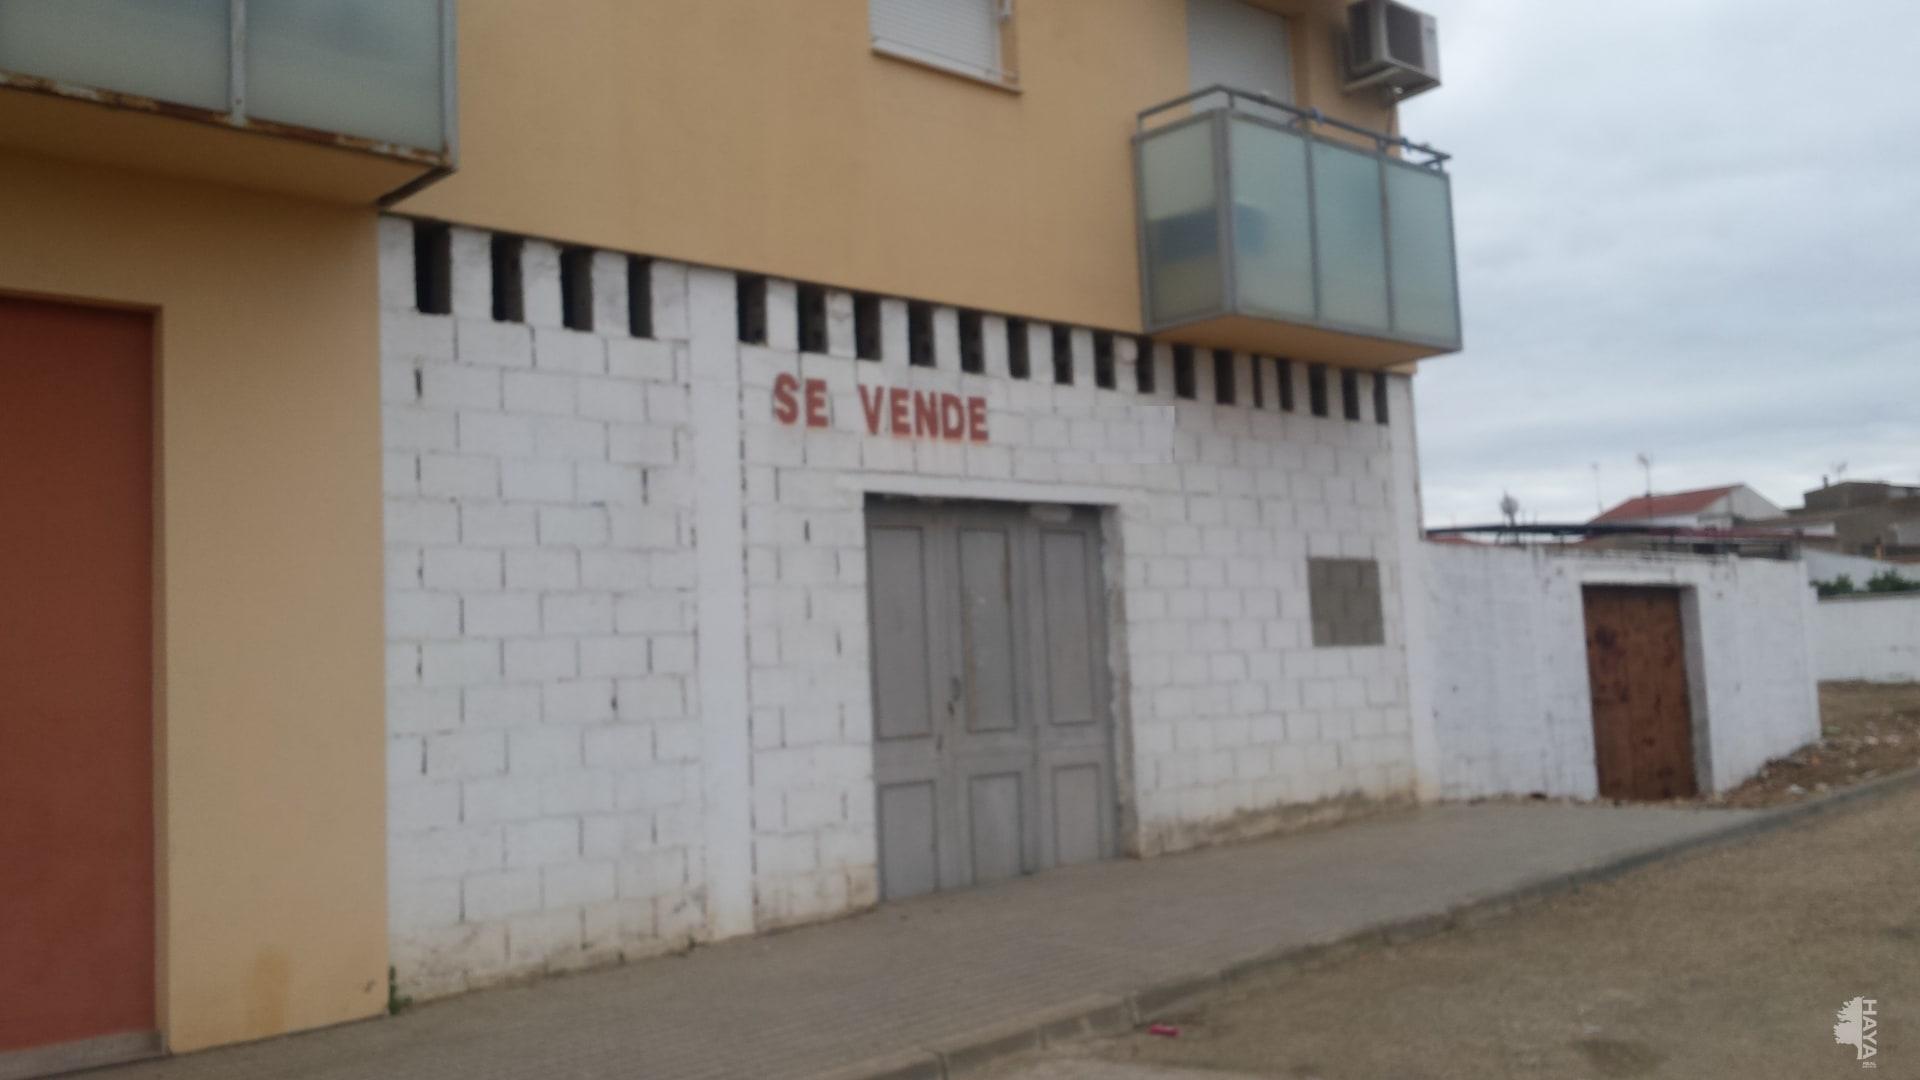 Local en venta en Villanueva de la Serena, Badajoz, Calle Hispanidad, 226.200 €, 469 m2